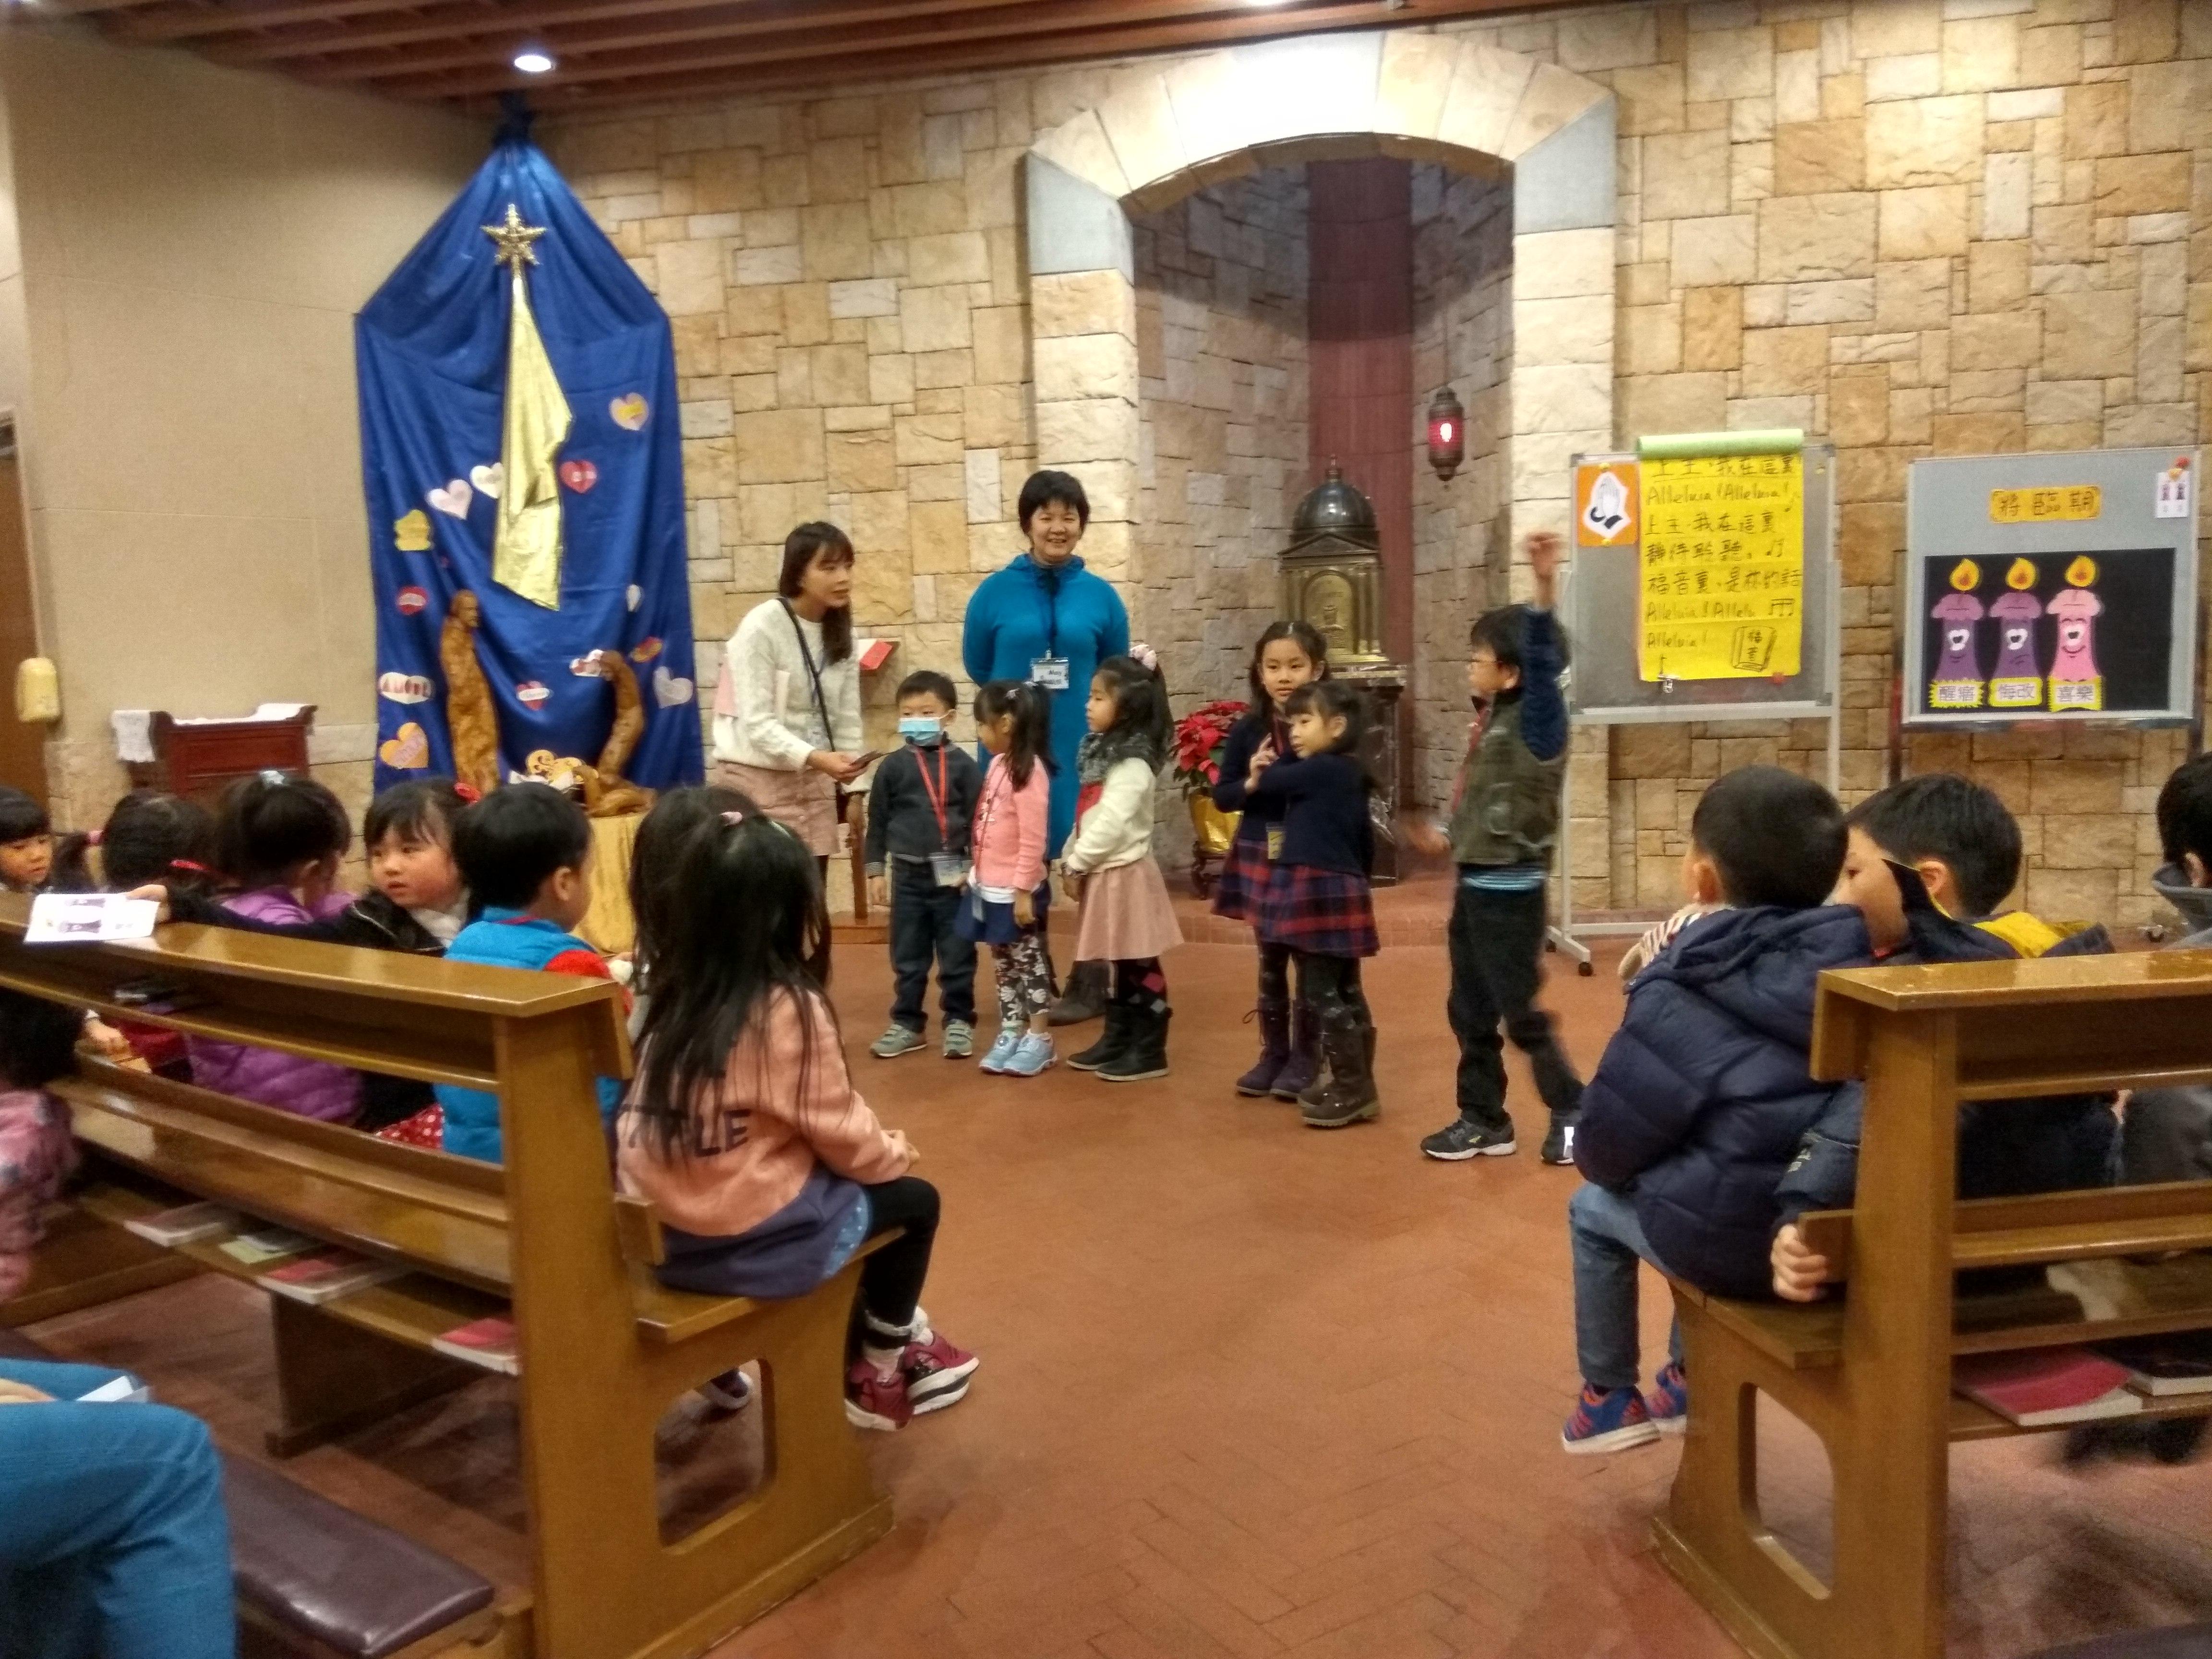 Children Mass 201706